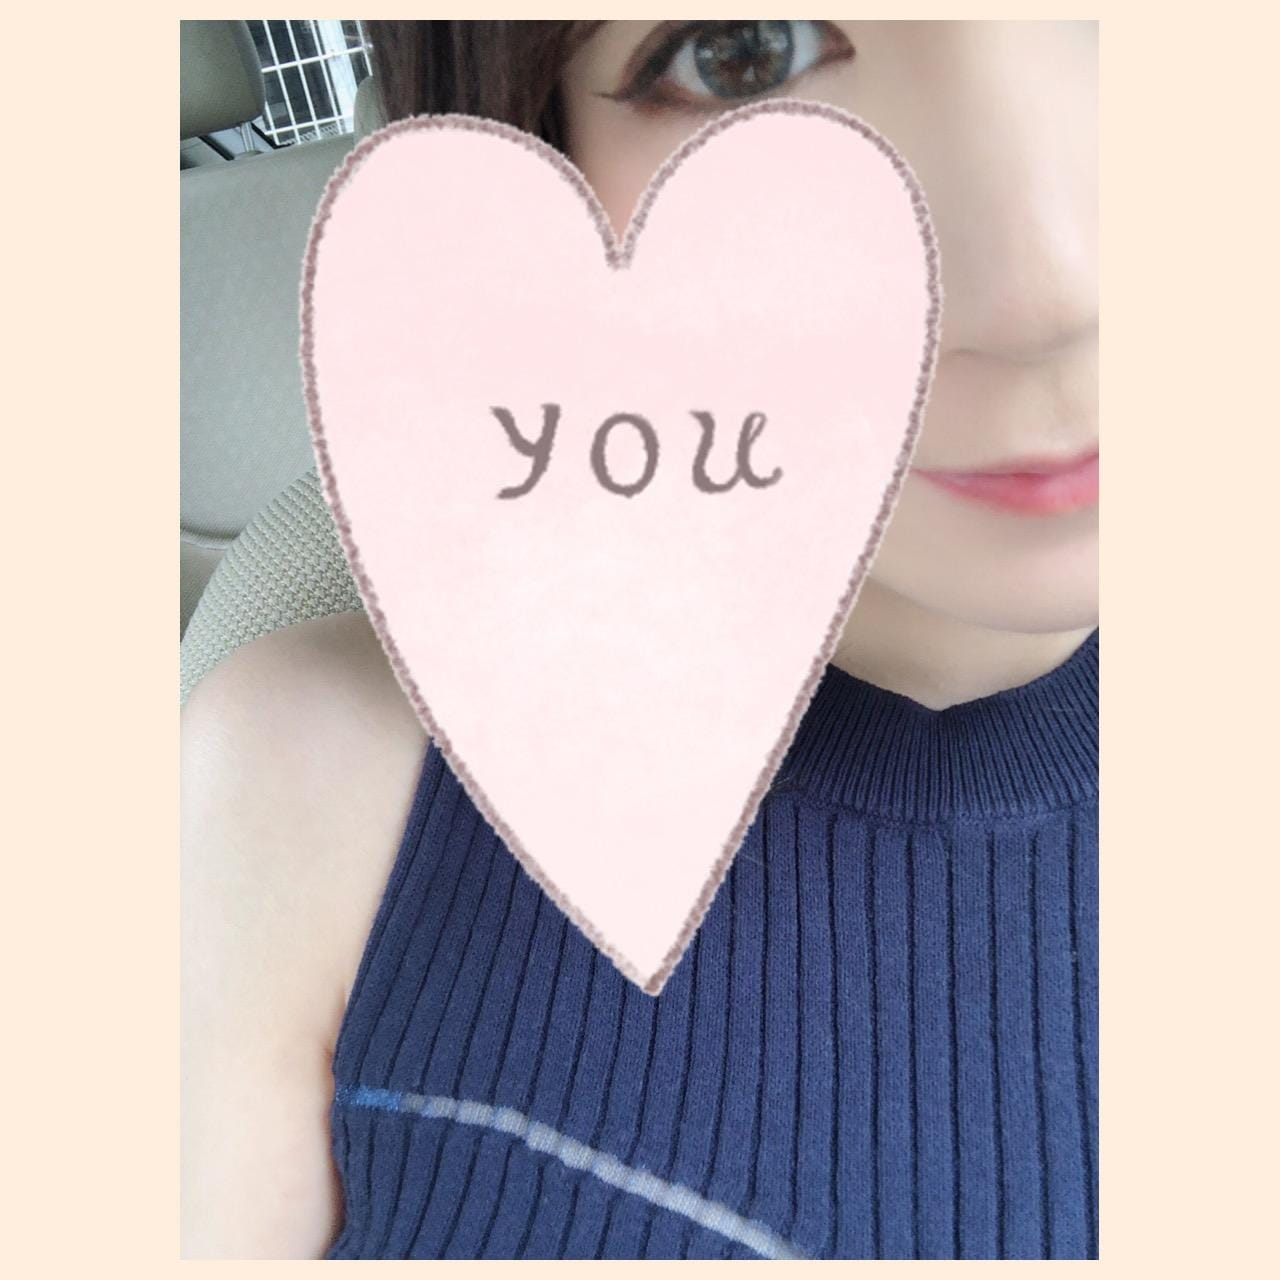 「こんばんはー!」10/21(10/21) 21:43   りせの写メ・風俗動画